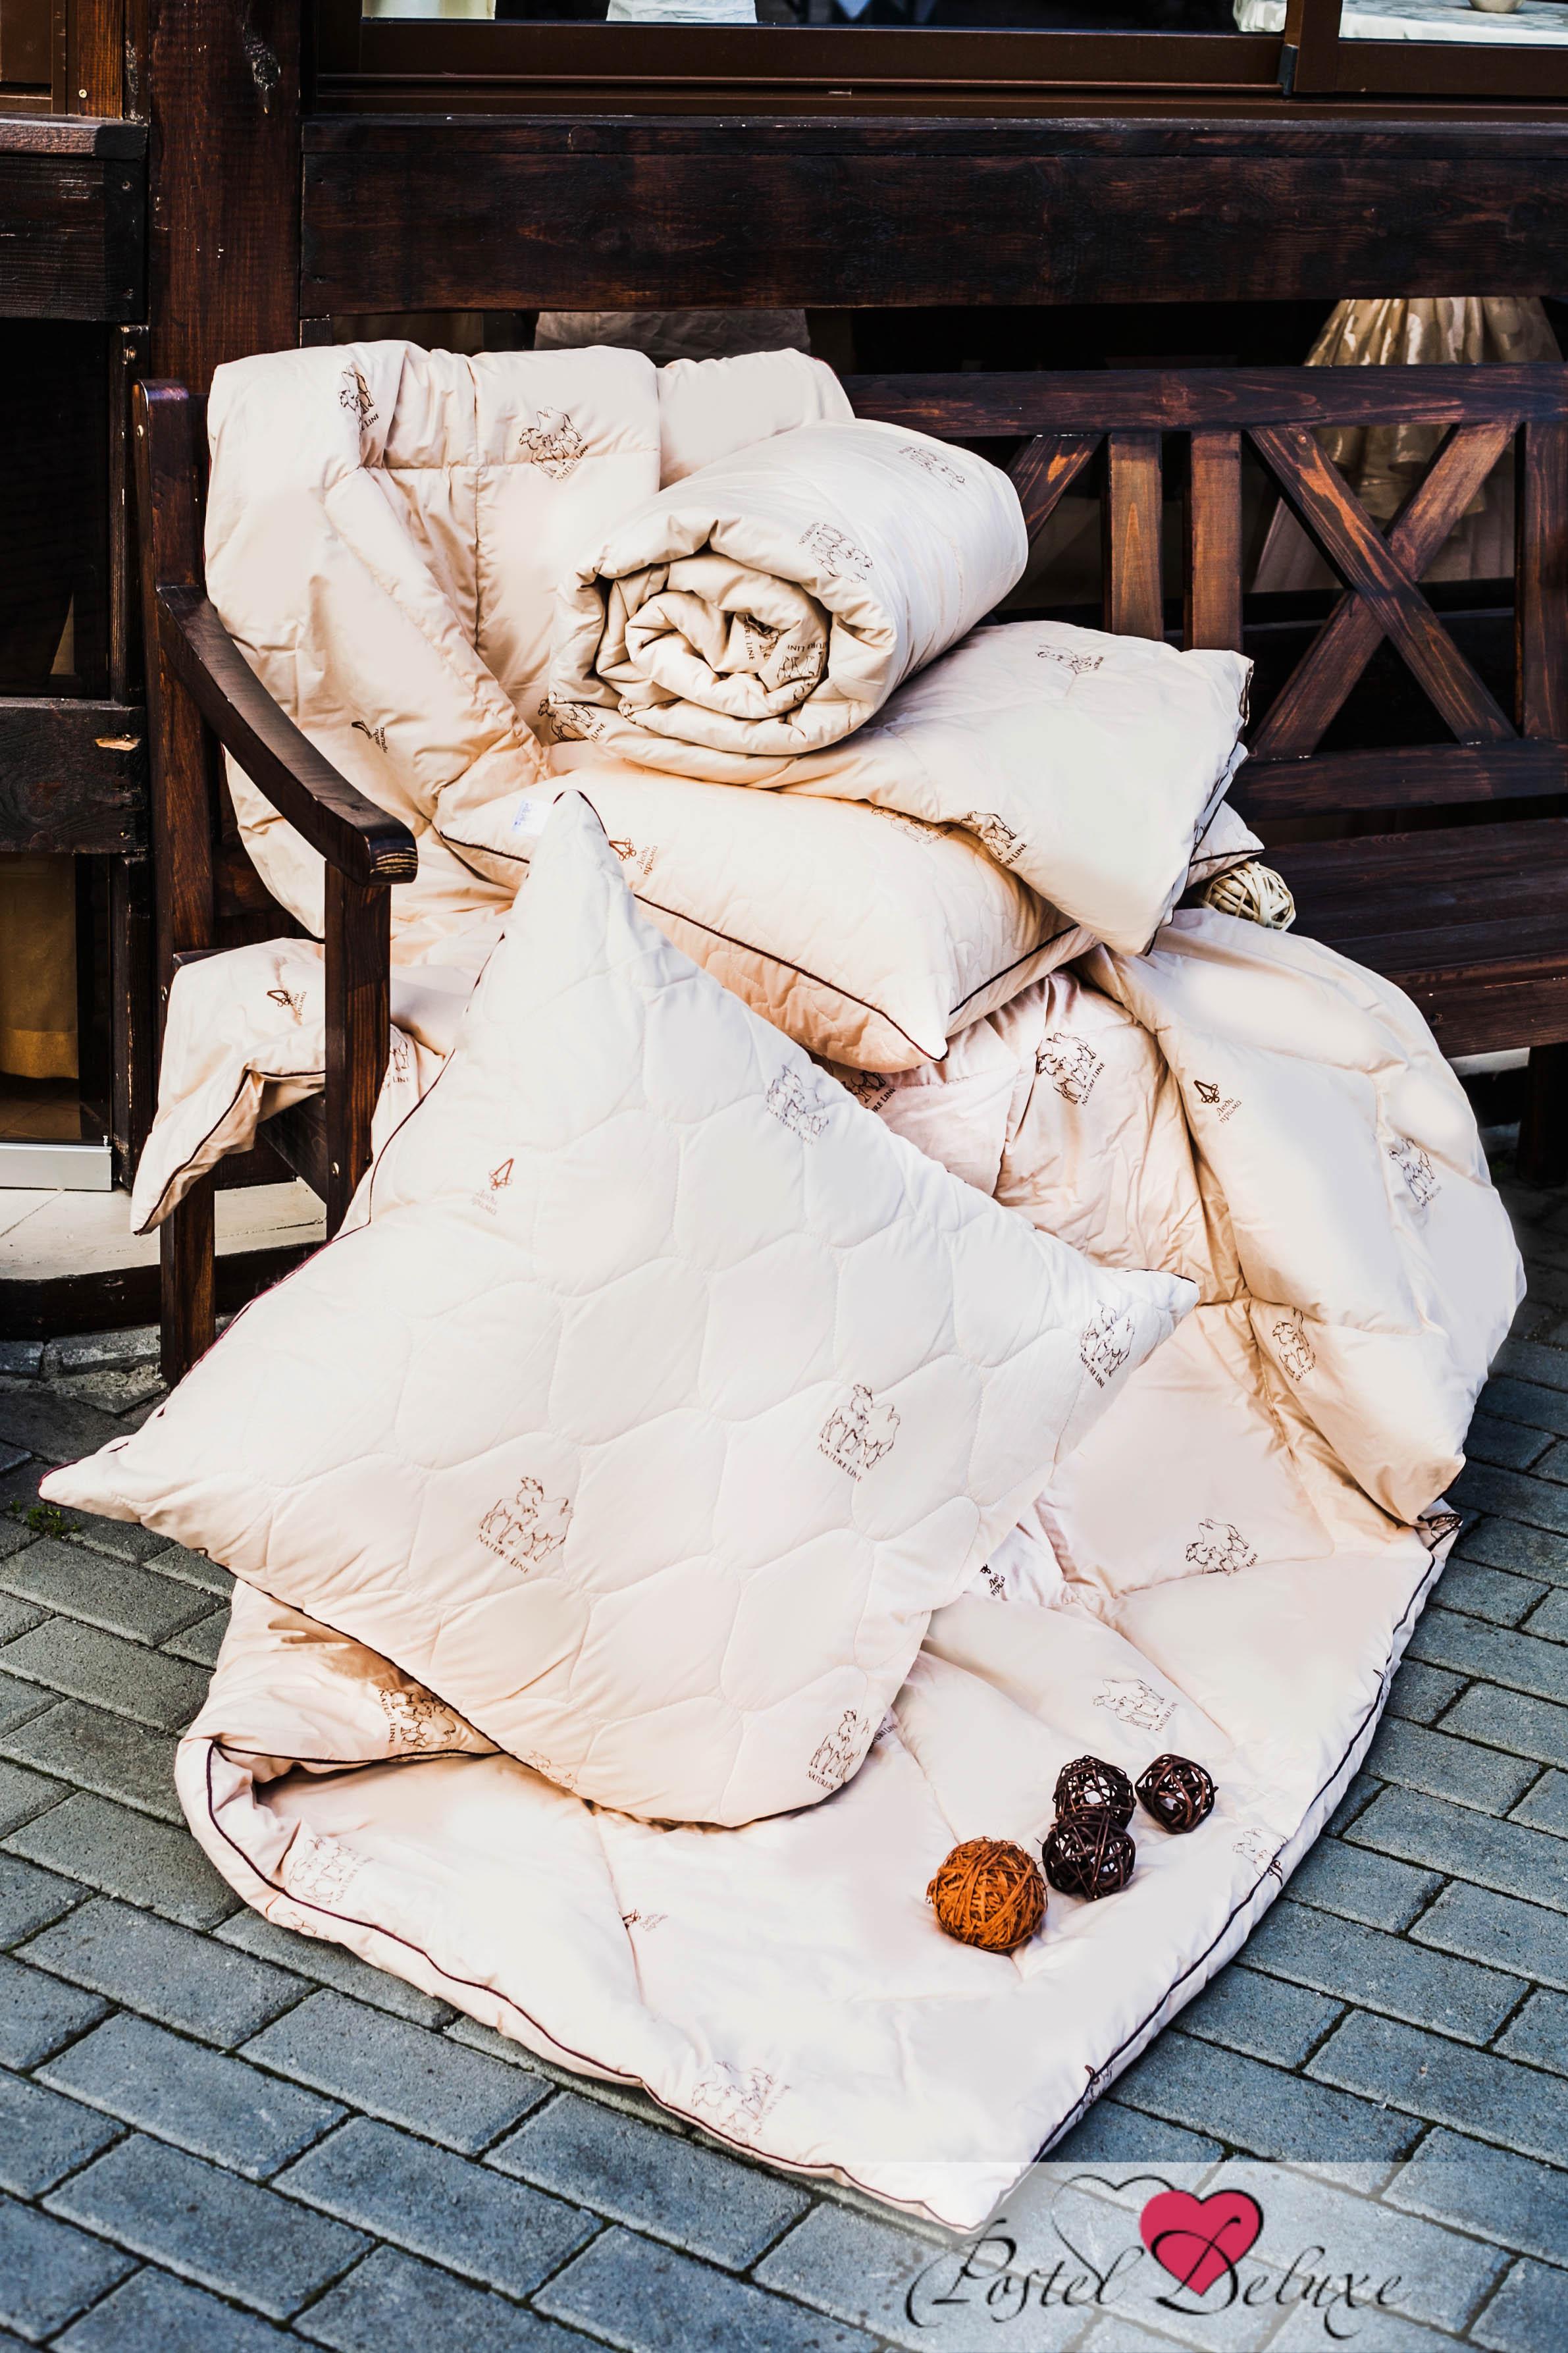 Подушка La PrimaПодушки<br>Подушка мягкая для тех, кто спит на животе<br>Размер (см): 50х70 (1 шт) (Прямоугольная)<br><br>Наполнитель чехла: Верблюжья шерсть<br>Состав наполнителя чехла: Верблюжья шерсть<br><br>Наполнитель ядра: Силиконизированное волокно (Лебяжий пух)<br>Состав наполнителя ядра: 100% Искусственный лебяжий пух<br><br>Материал чехла: Хлопковый тик<br>Состав материала чехла: 100% хлопок<br><br>Отделка: Стежка, Кант<br>Застежка: Нет<br><br>Производитель: La Prima<br>Cтрана производства: Россия<br>Тип Упаковки: Чемодан ПВХ<br>Вес: 1100<br><br>Тип: подушка обычная<br>Размерность комплекта: None<br>Материал: Хлопковый тик<br>Размер наволочки: None<br>Подарочная упаковка: None<br>Для детей: нет<br>Ткань: Хлопковый тик<br>Цвет: Бежевый